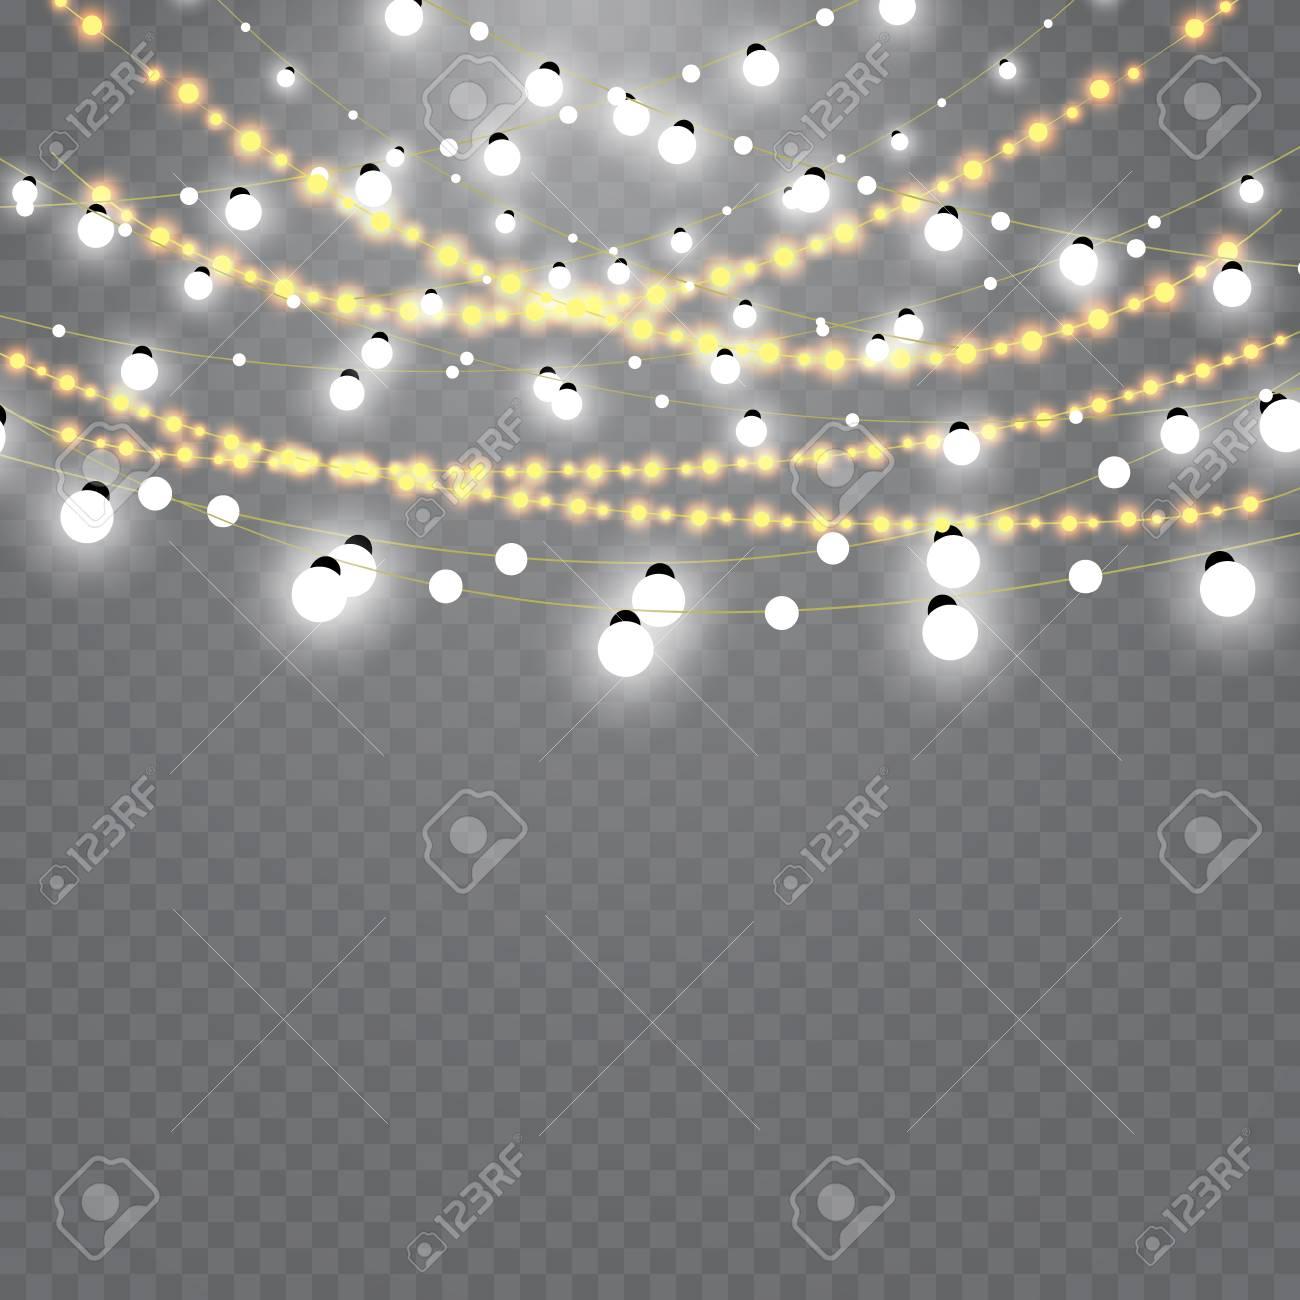 Christmas Lights Transparent Background.Christmas Lights Isolated On Transparent Background Set Of Golden